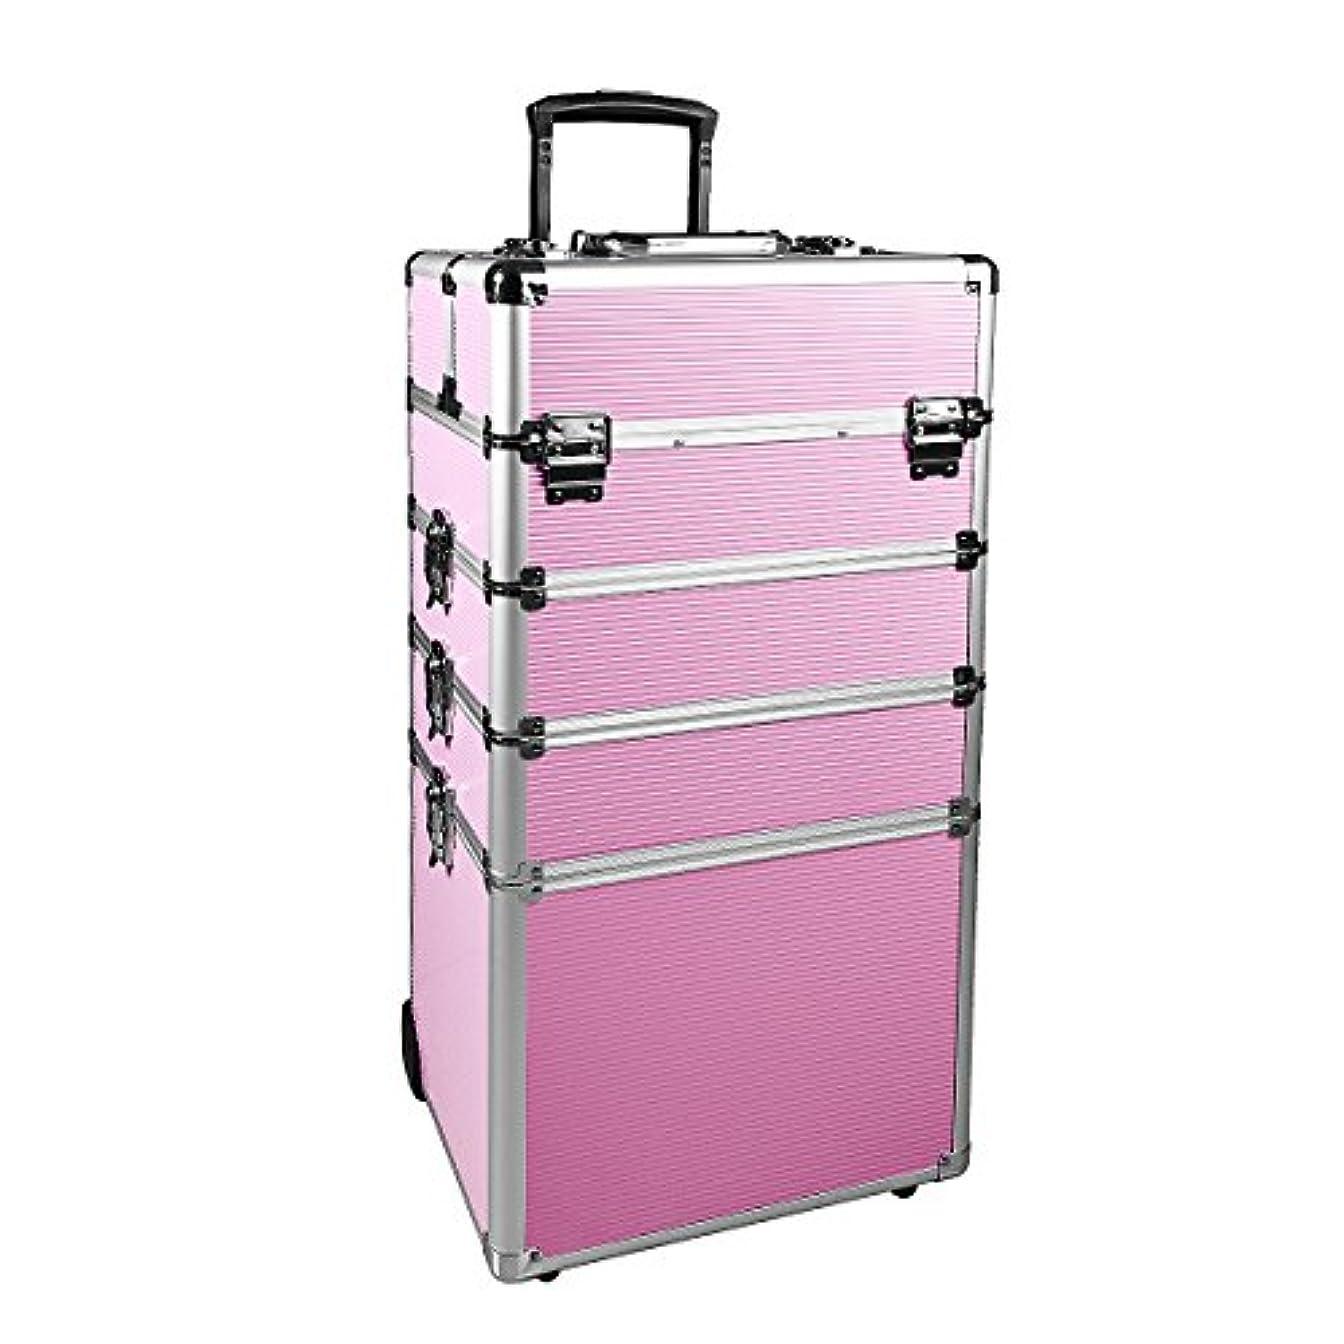 前書き想像力文房具NHSM 1つ プロ 化粧品ローリング主催 アルミフレームと折りたたみトレイで化粧列車 ケース4 ピンク